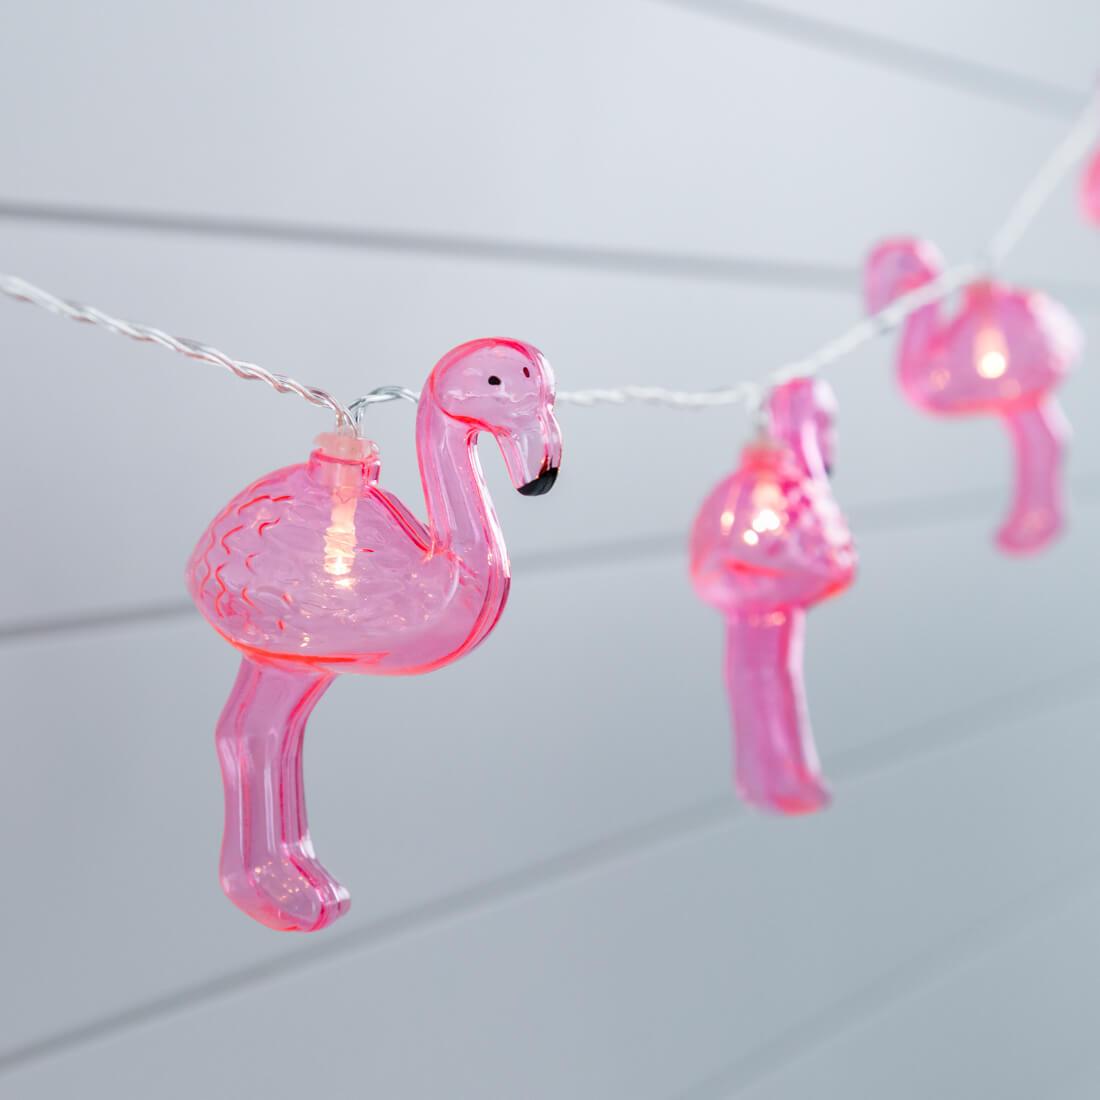 LED Flamingo String Lights - Set of 10